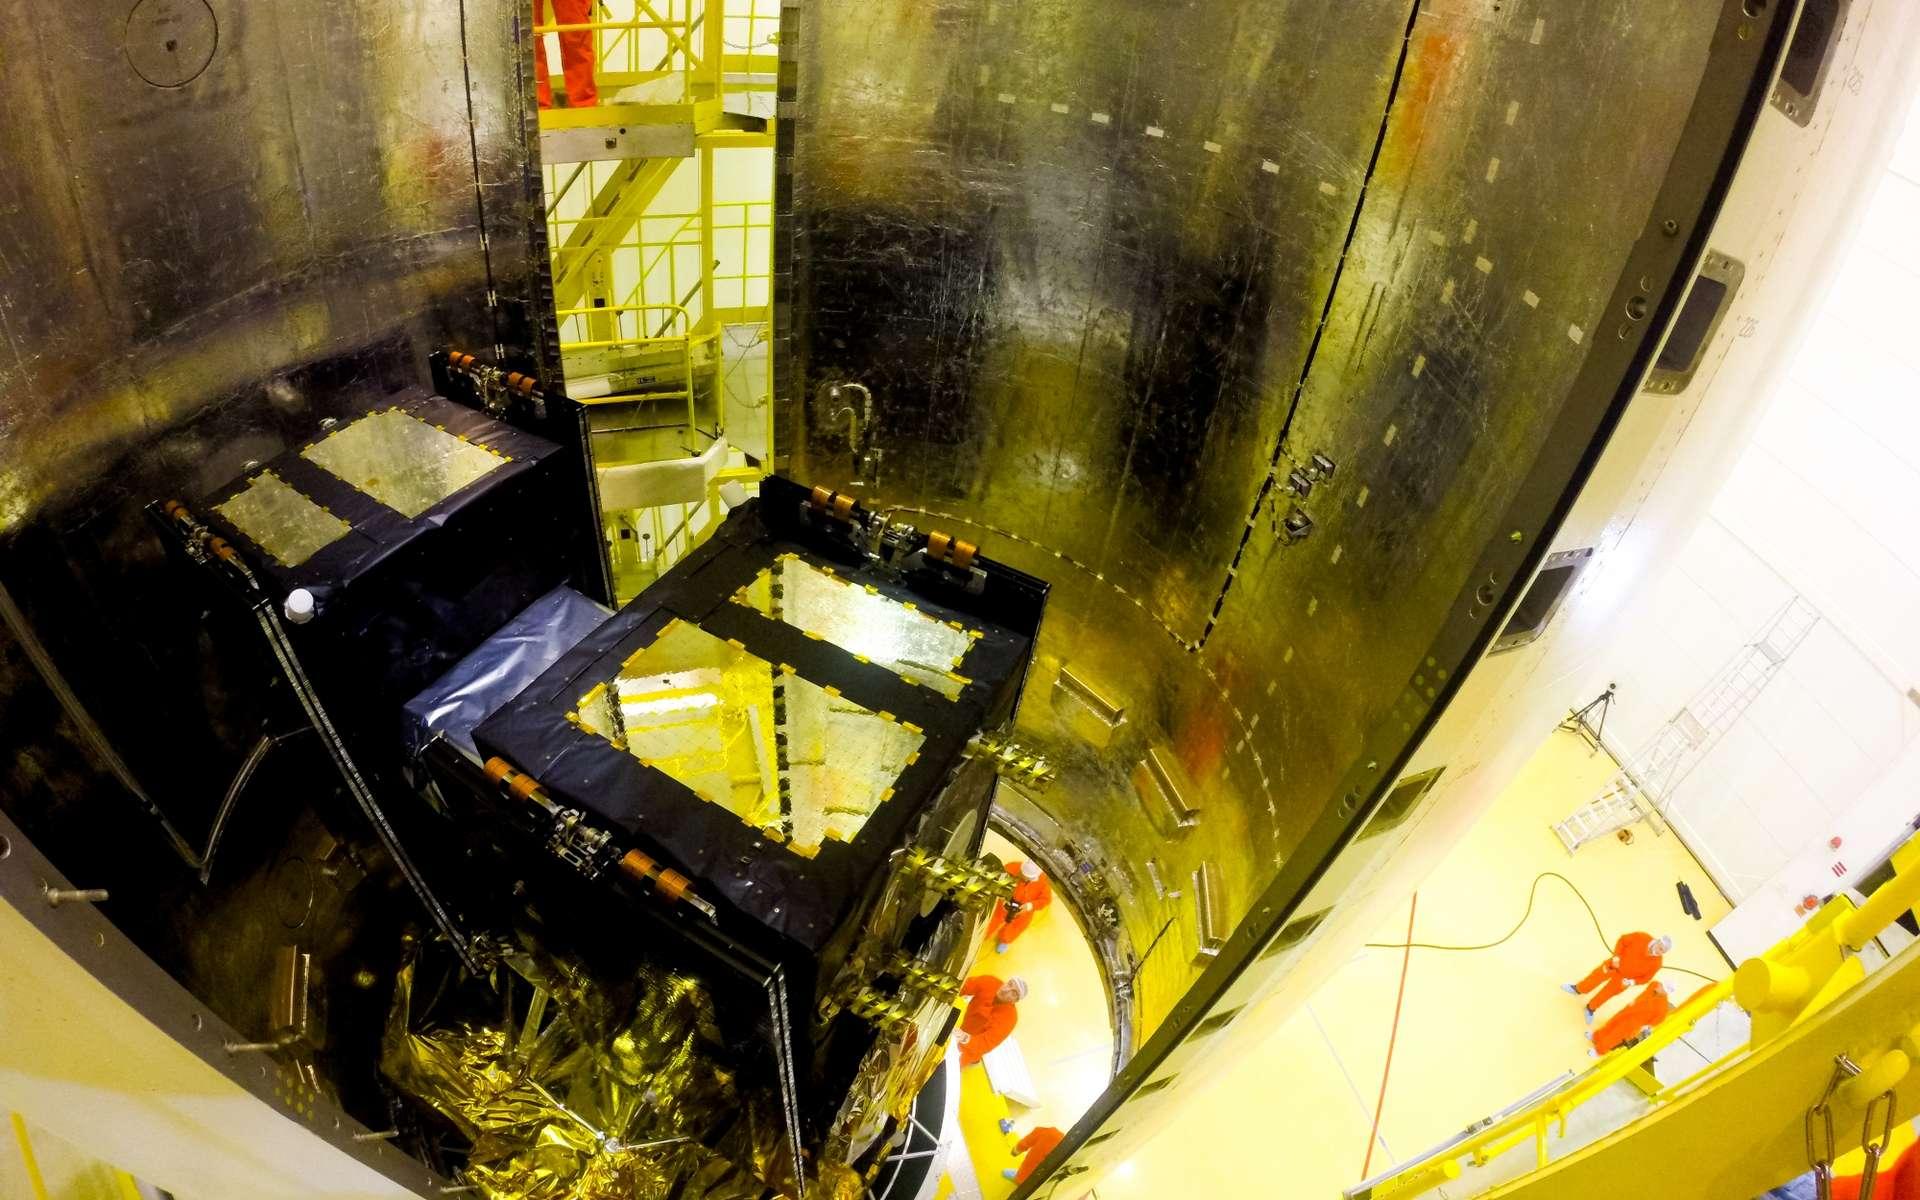 Les deux satellites Galileo 9 et 10 dans la coiffe du lanceur Soyouz. © Esa, M. Pedoussaut, 2015